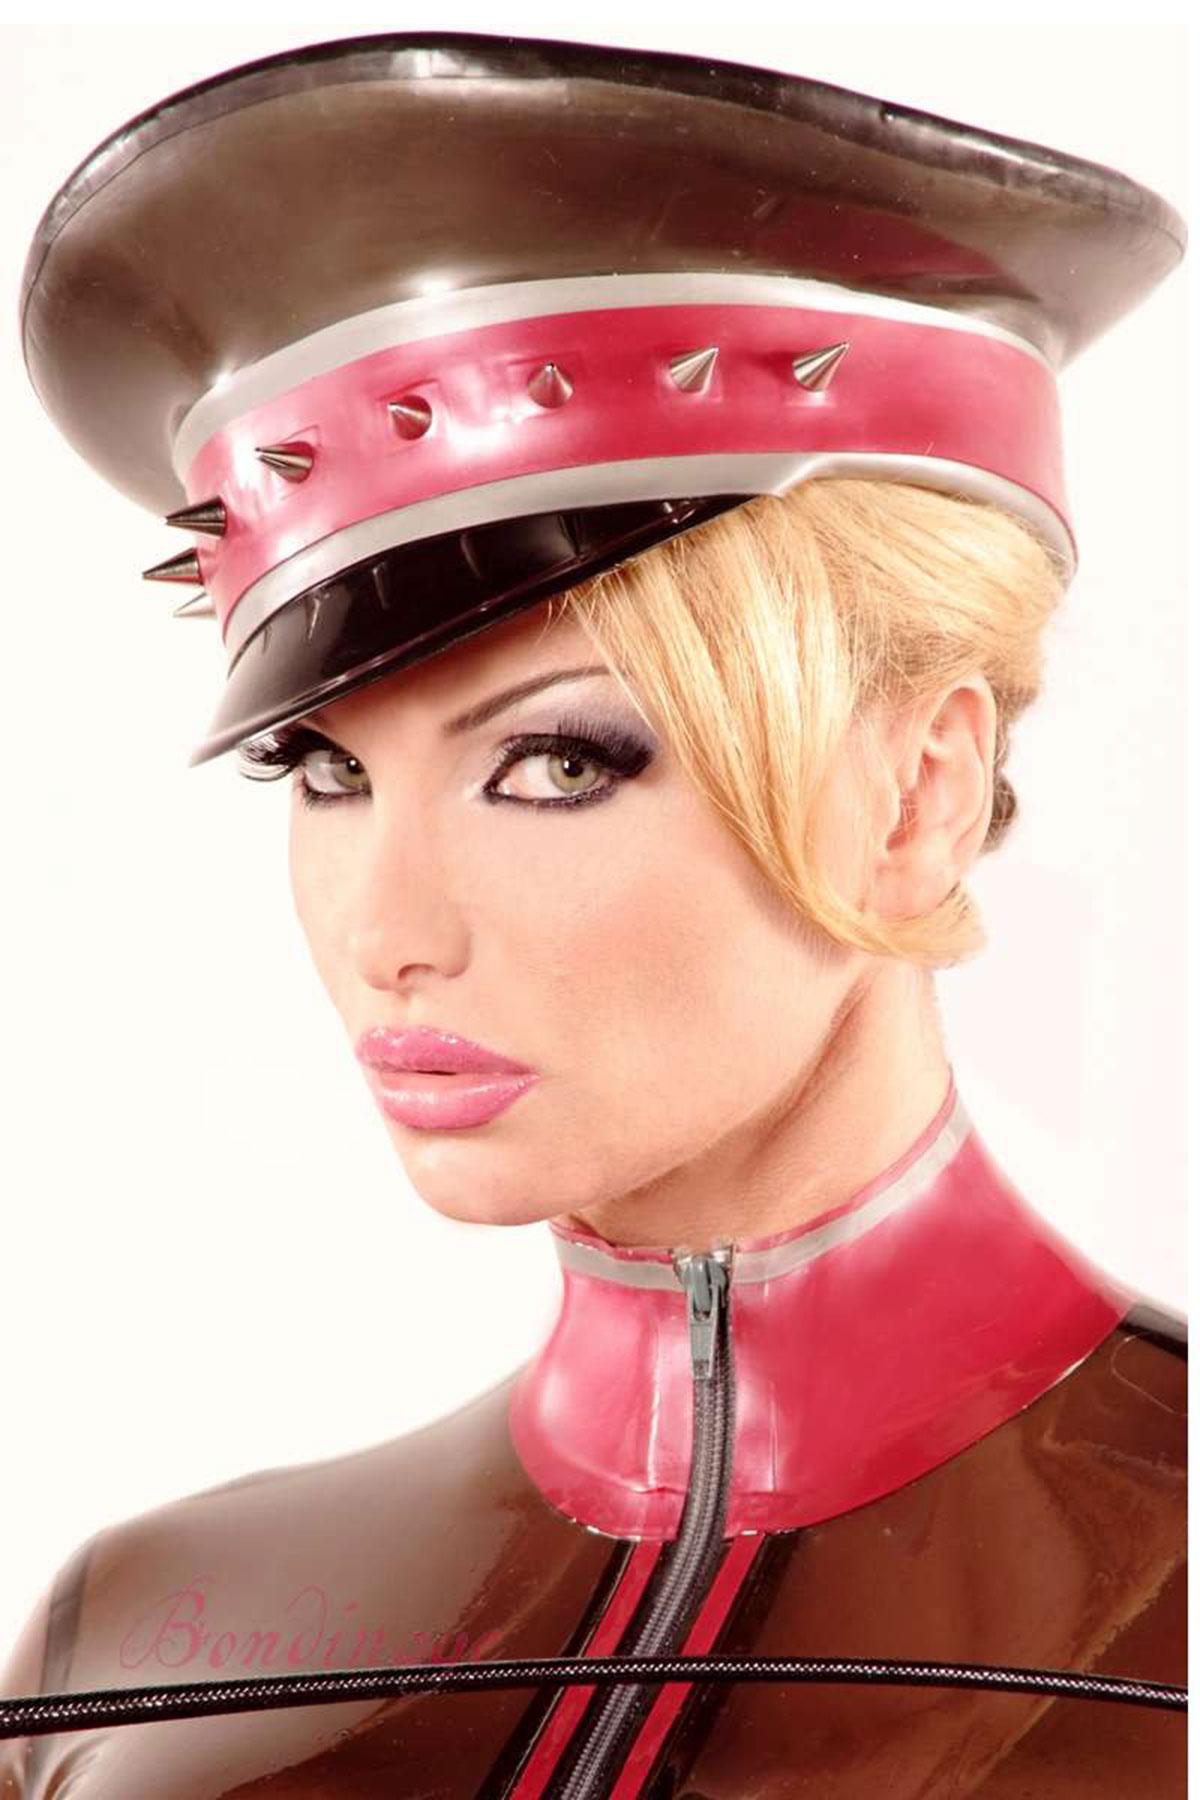 Studded Latex Military Cap - Bondinage - Fetish Fashion ...